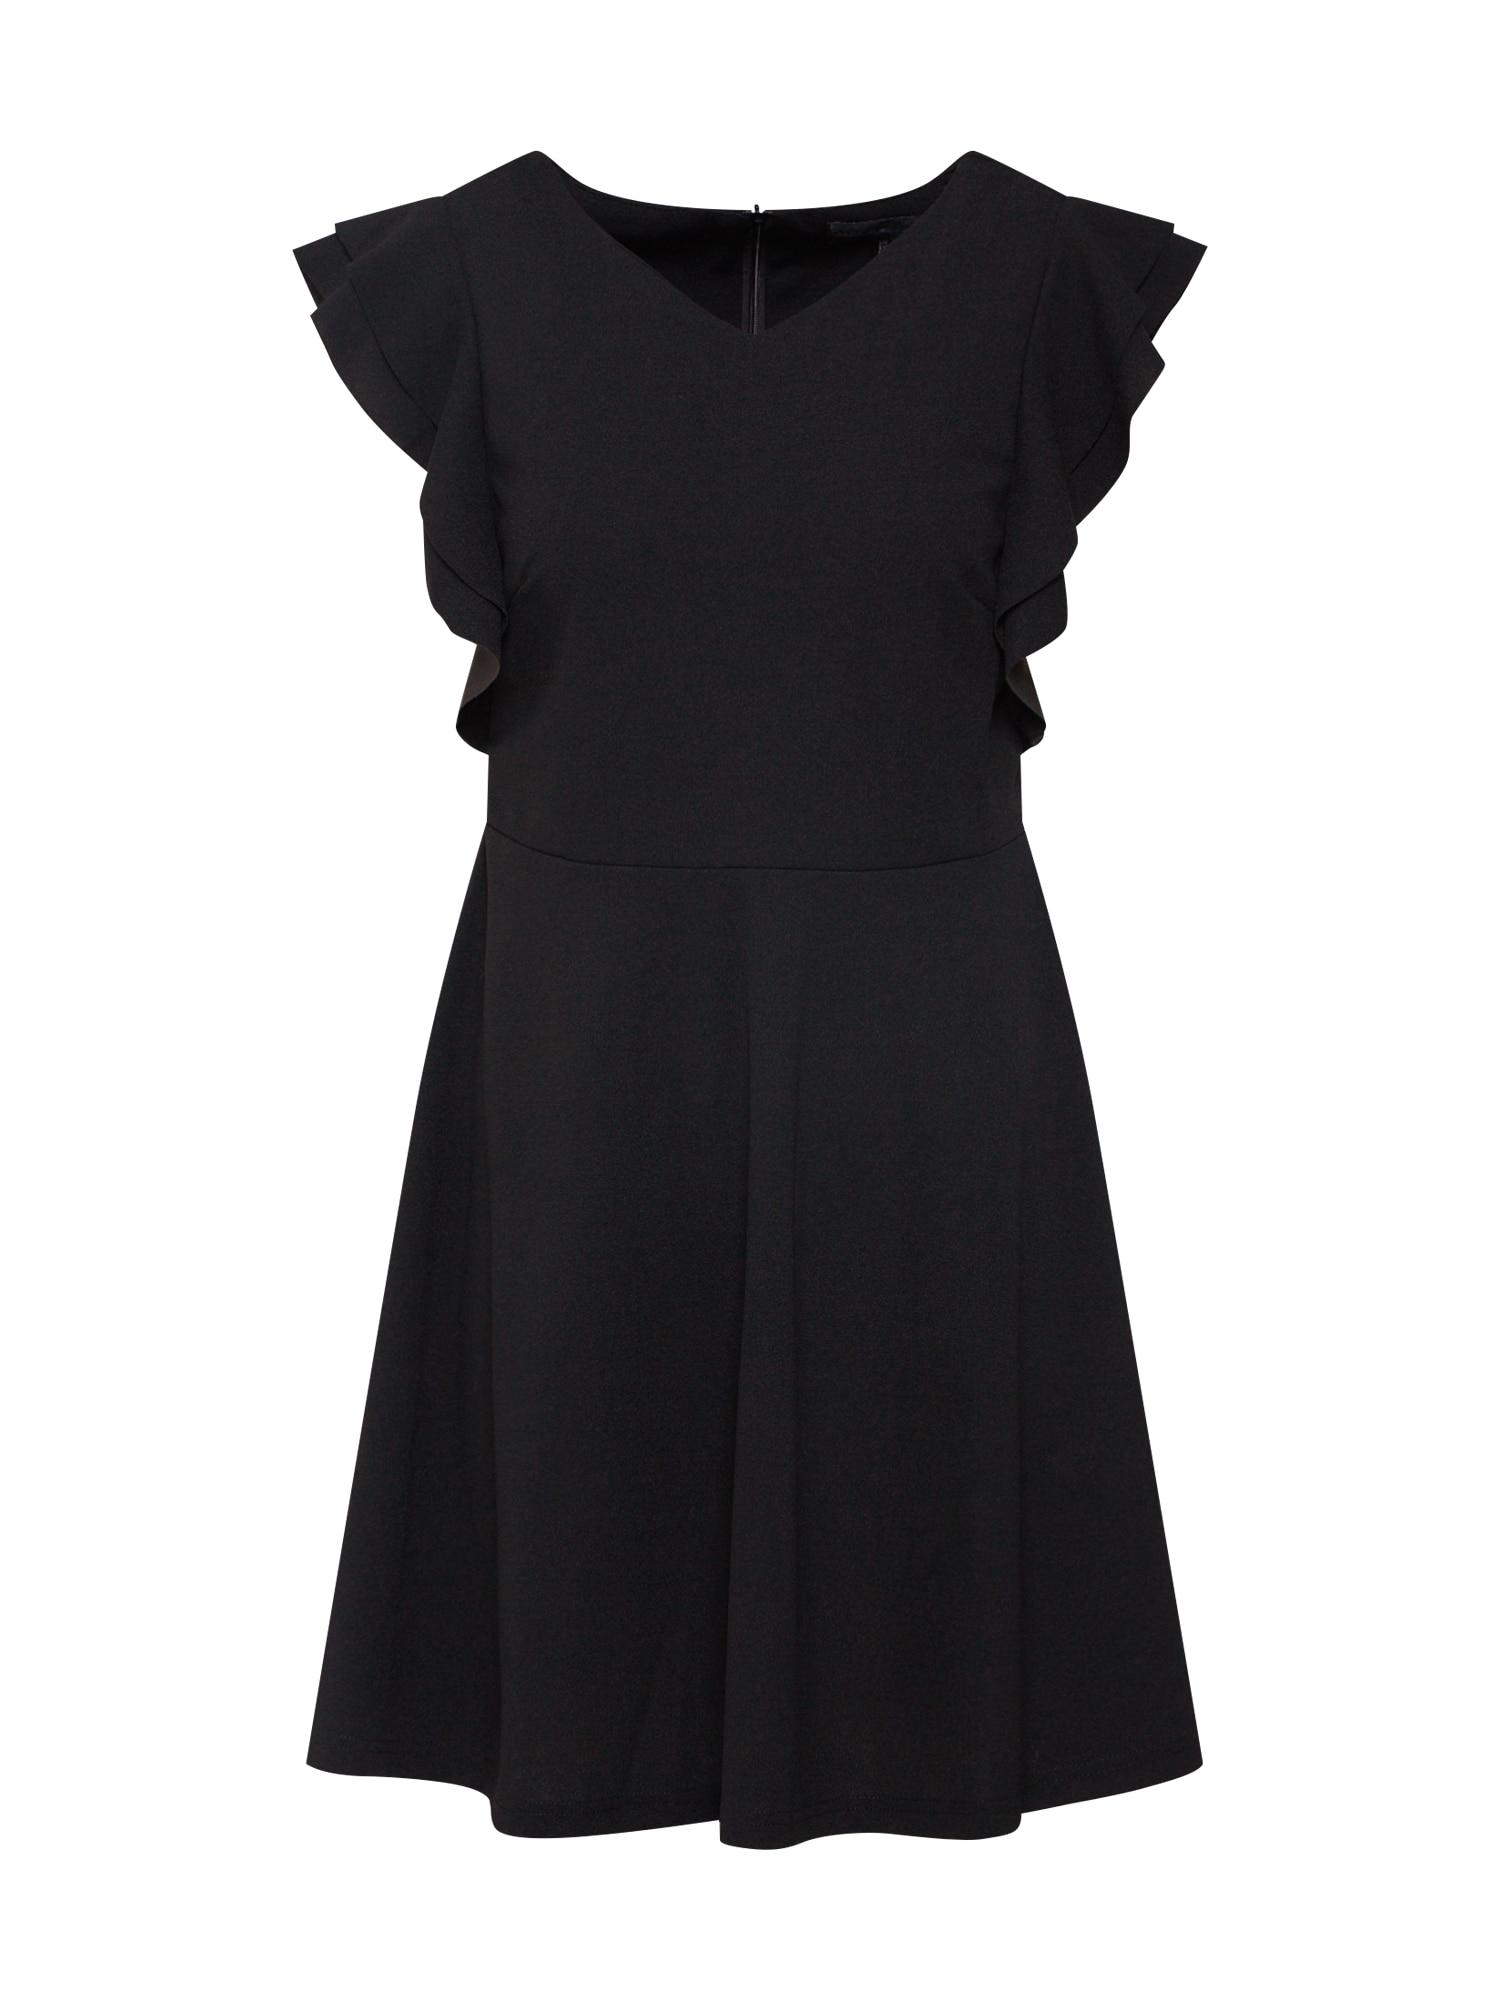 Koktejlové šaty SIDE RUFFLE V NECK DRESS černá Mela London